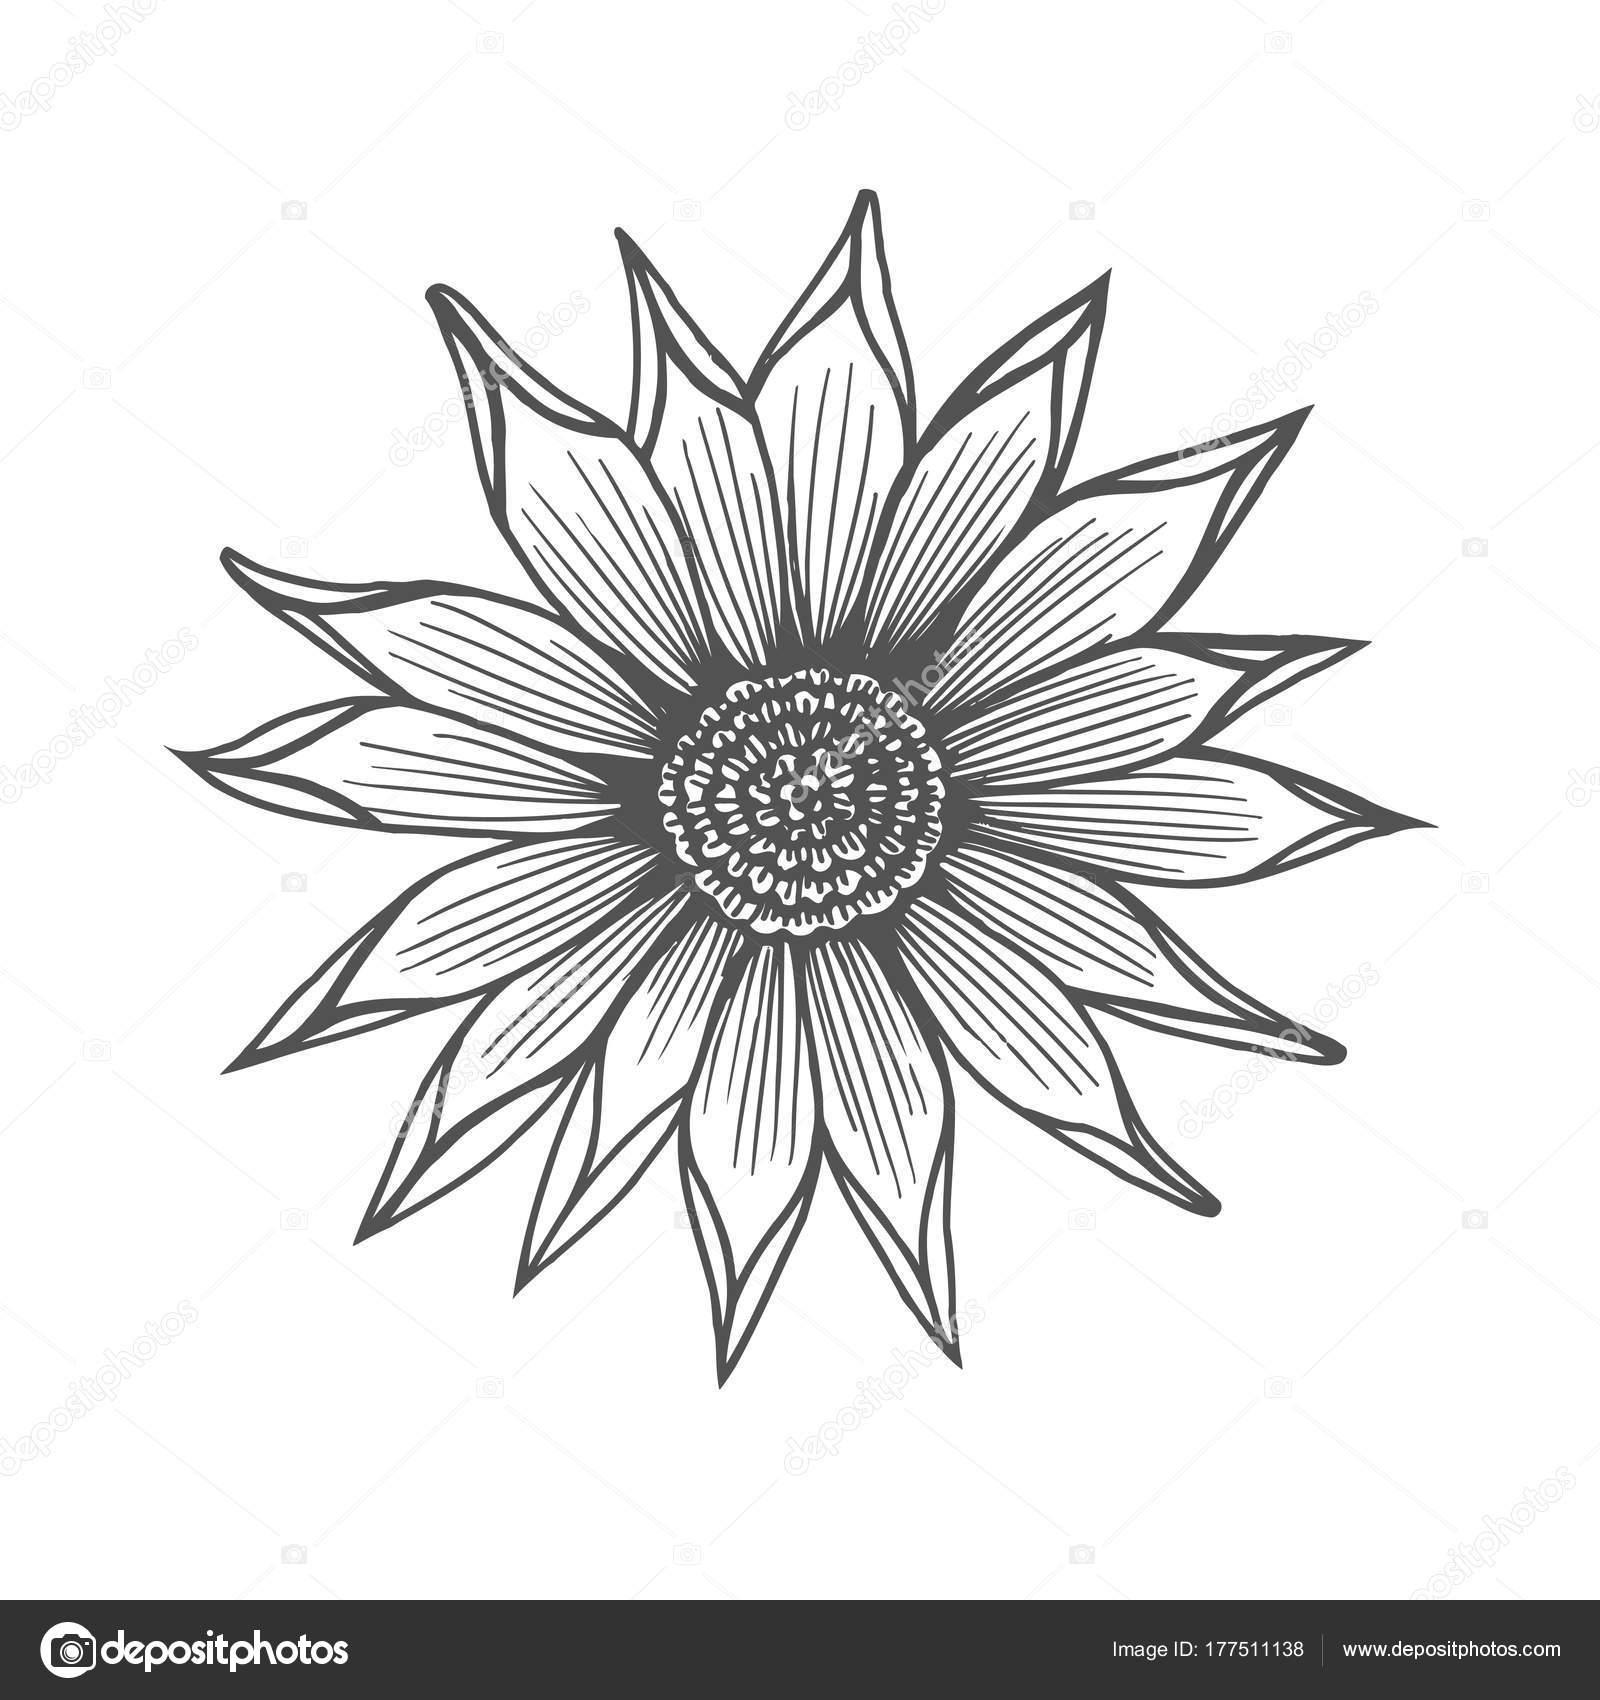 Ilustración de flor de crisantemo — Archivo Imágenes Vectoriales ...